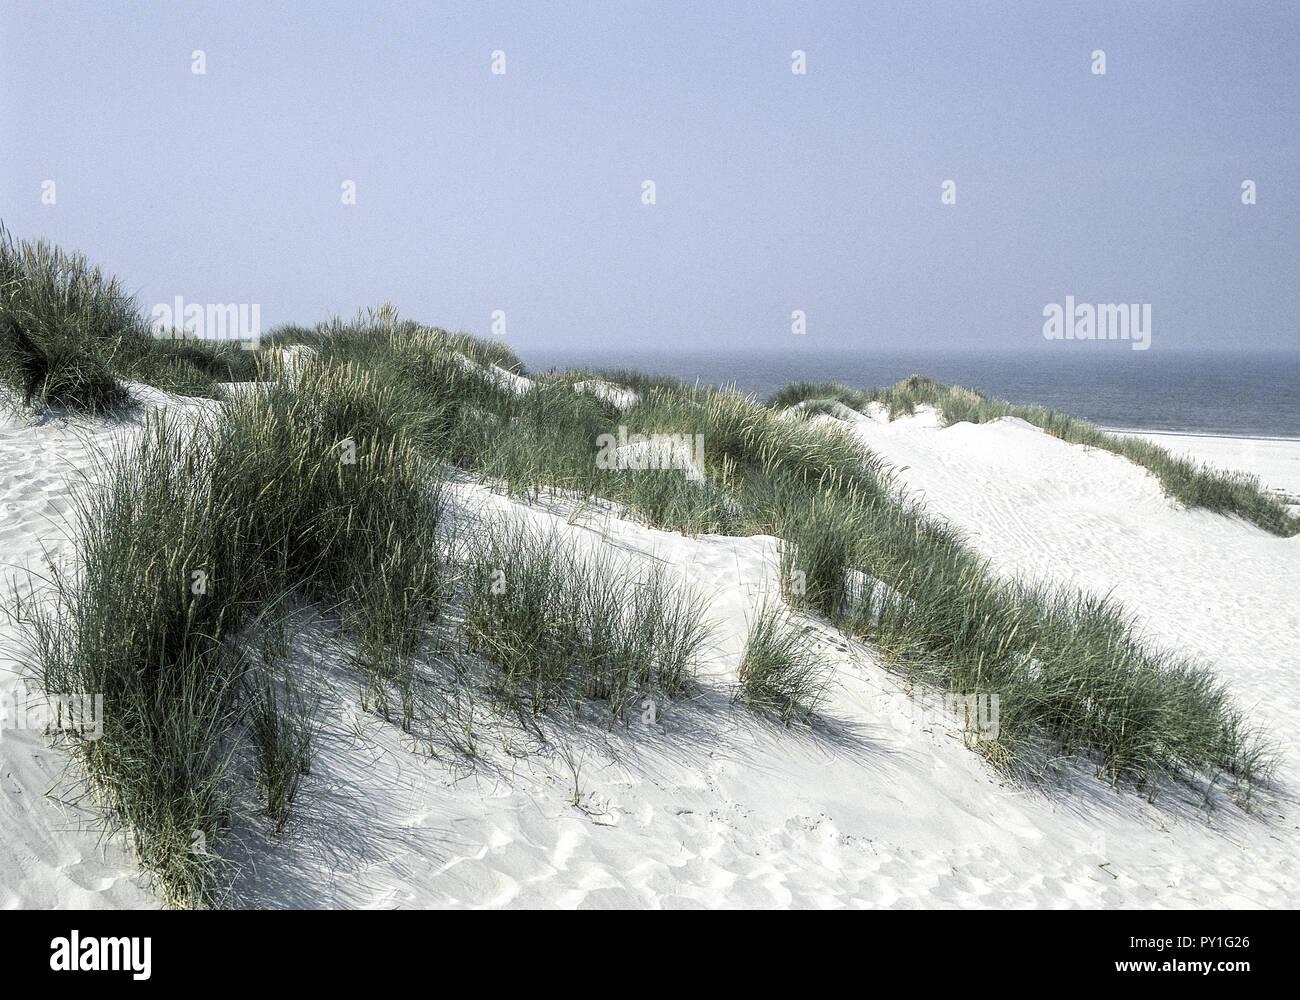 Duenen, Insel Baltrum, Ostfriesland, Niedersachsen, Deutschland - Stock Image